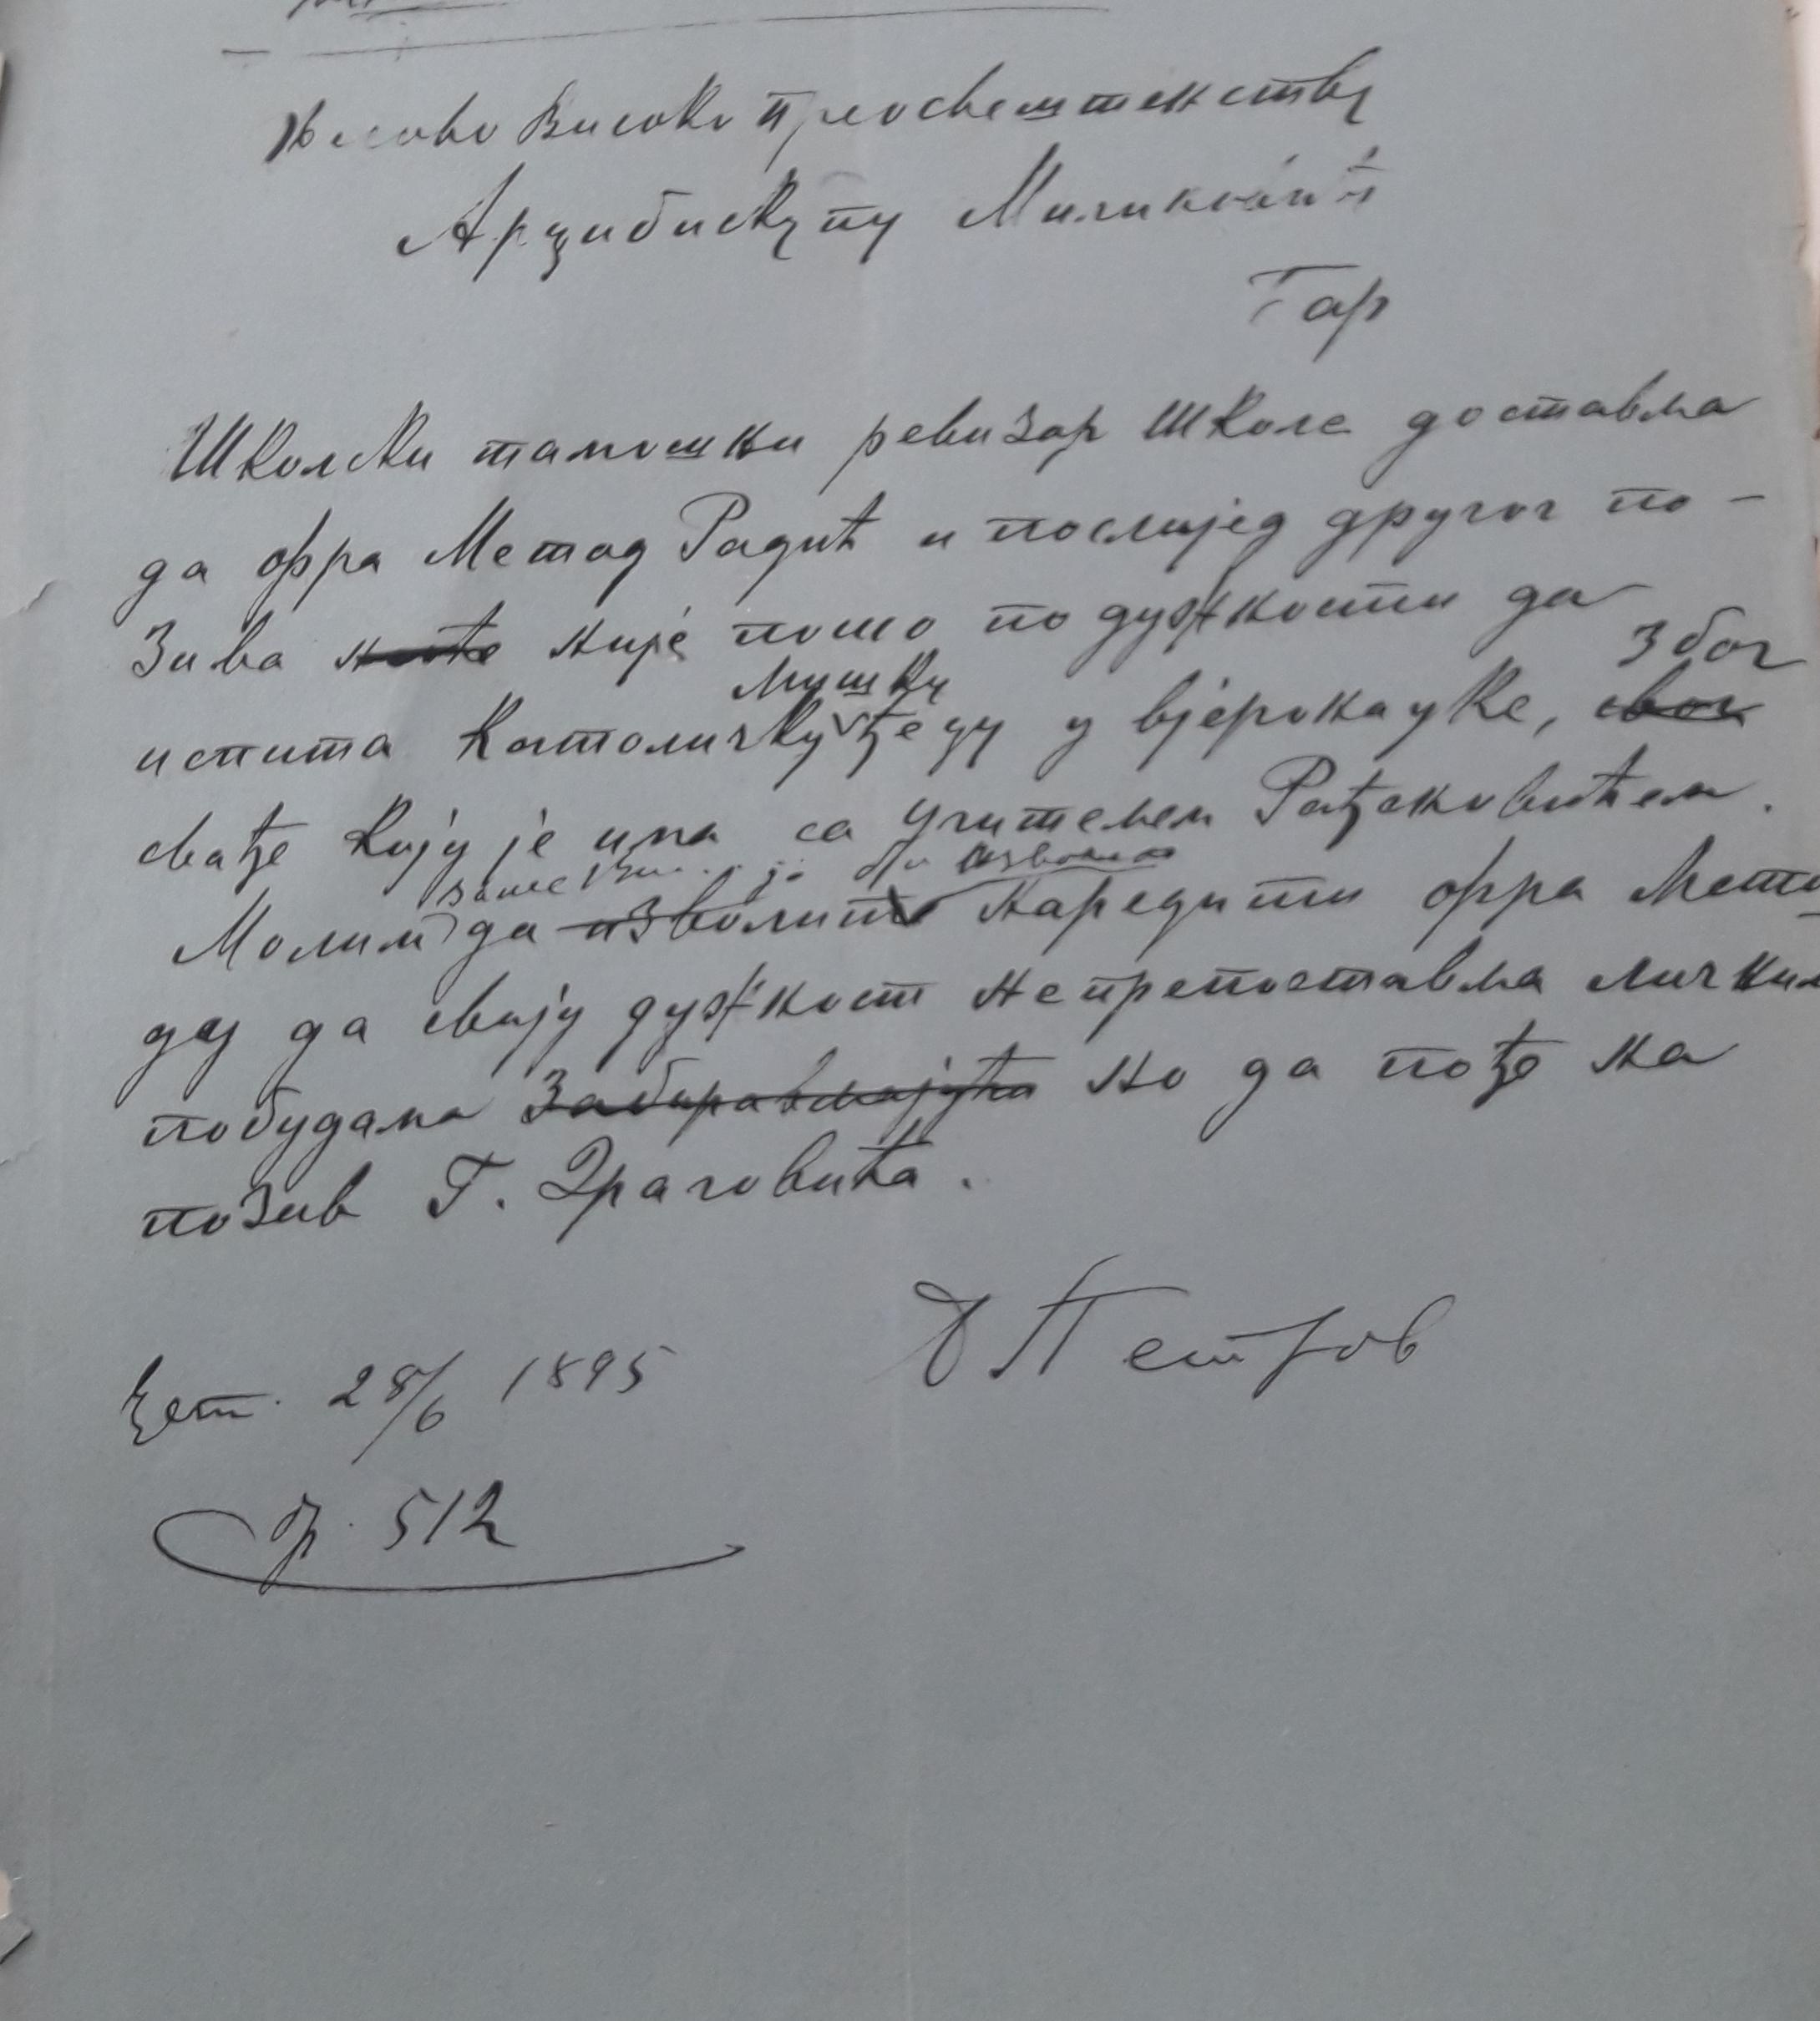 2. Žalba nadbiskupa Milinovića zbog neobavljanja dužnosti od strane nastavnika vjeronauke fra Radića, 28.06.1895. godine